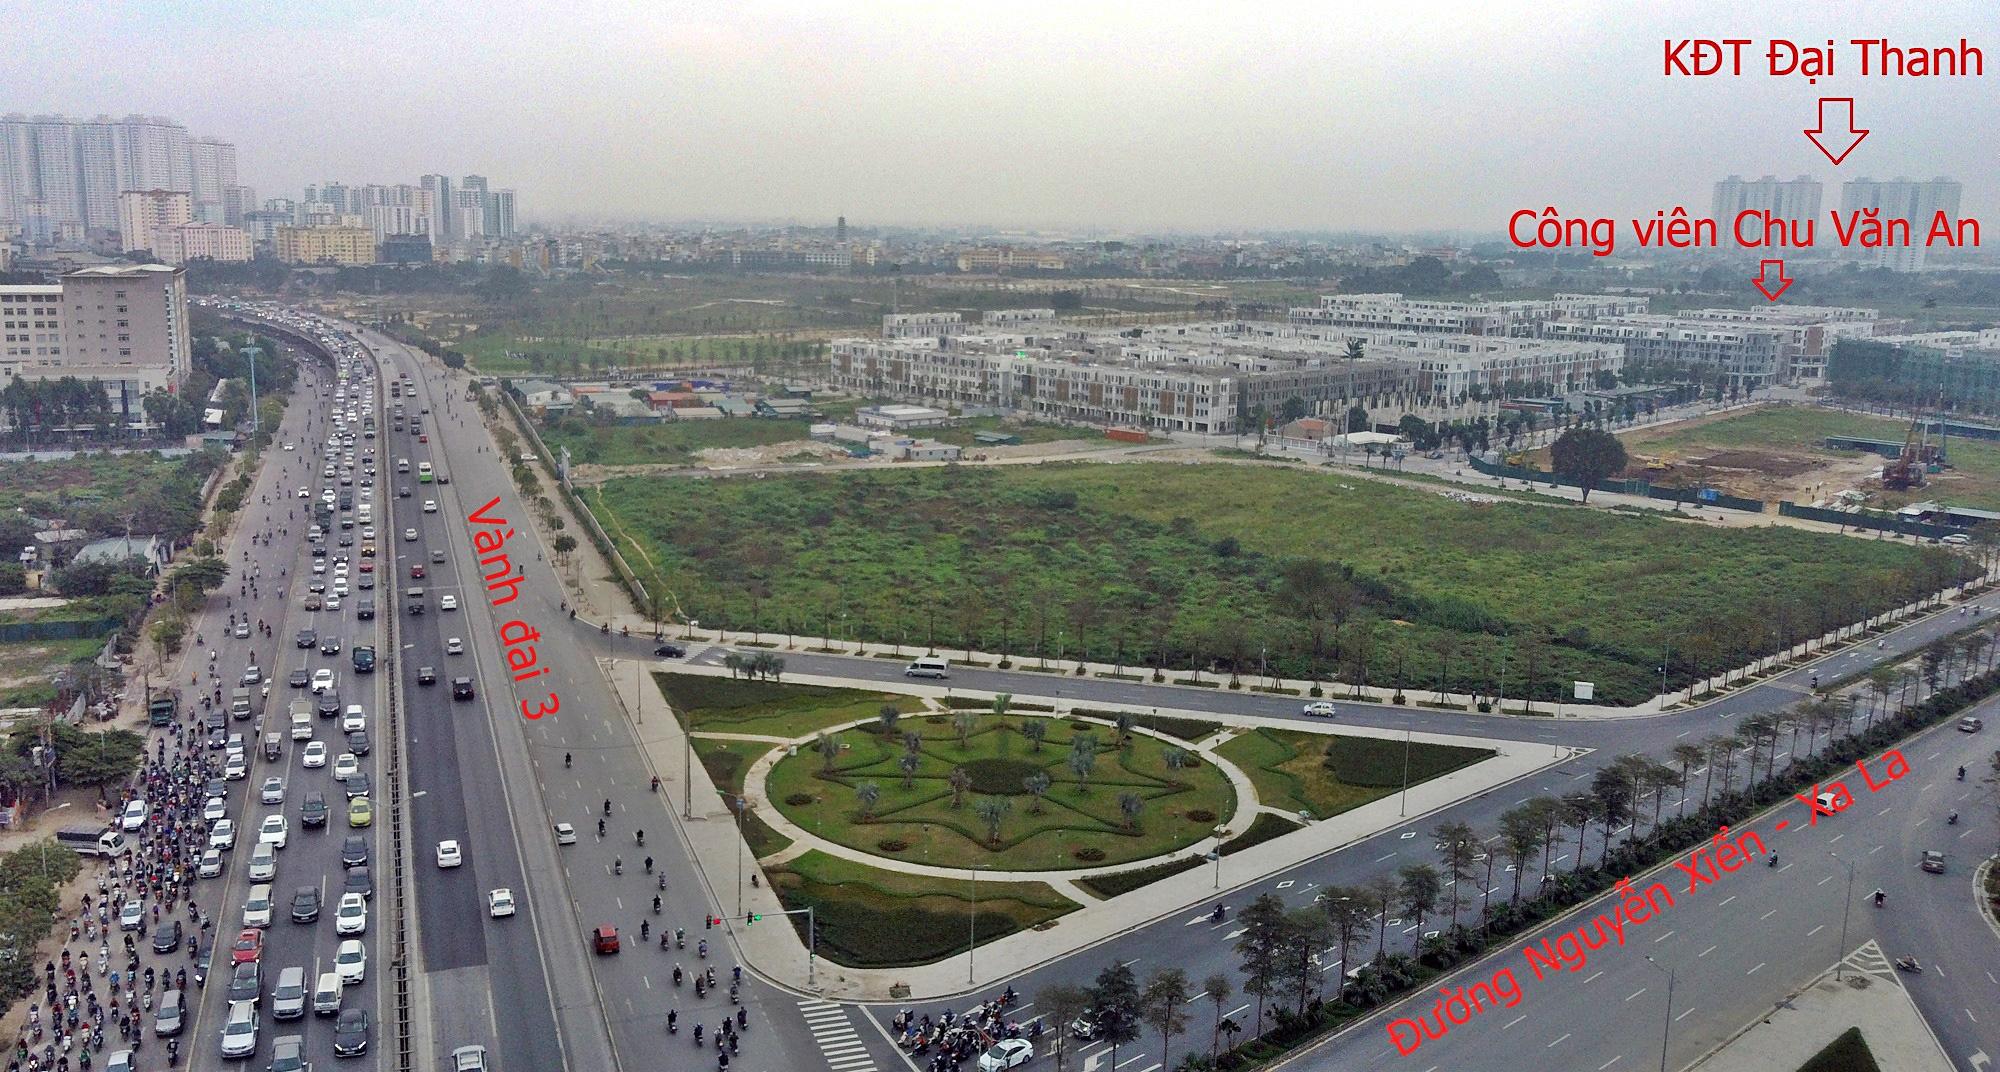 Toàn cảnh công viên Chu Văn An và những dự án hưởng lợi - Ảnh 1.